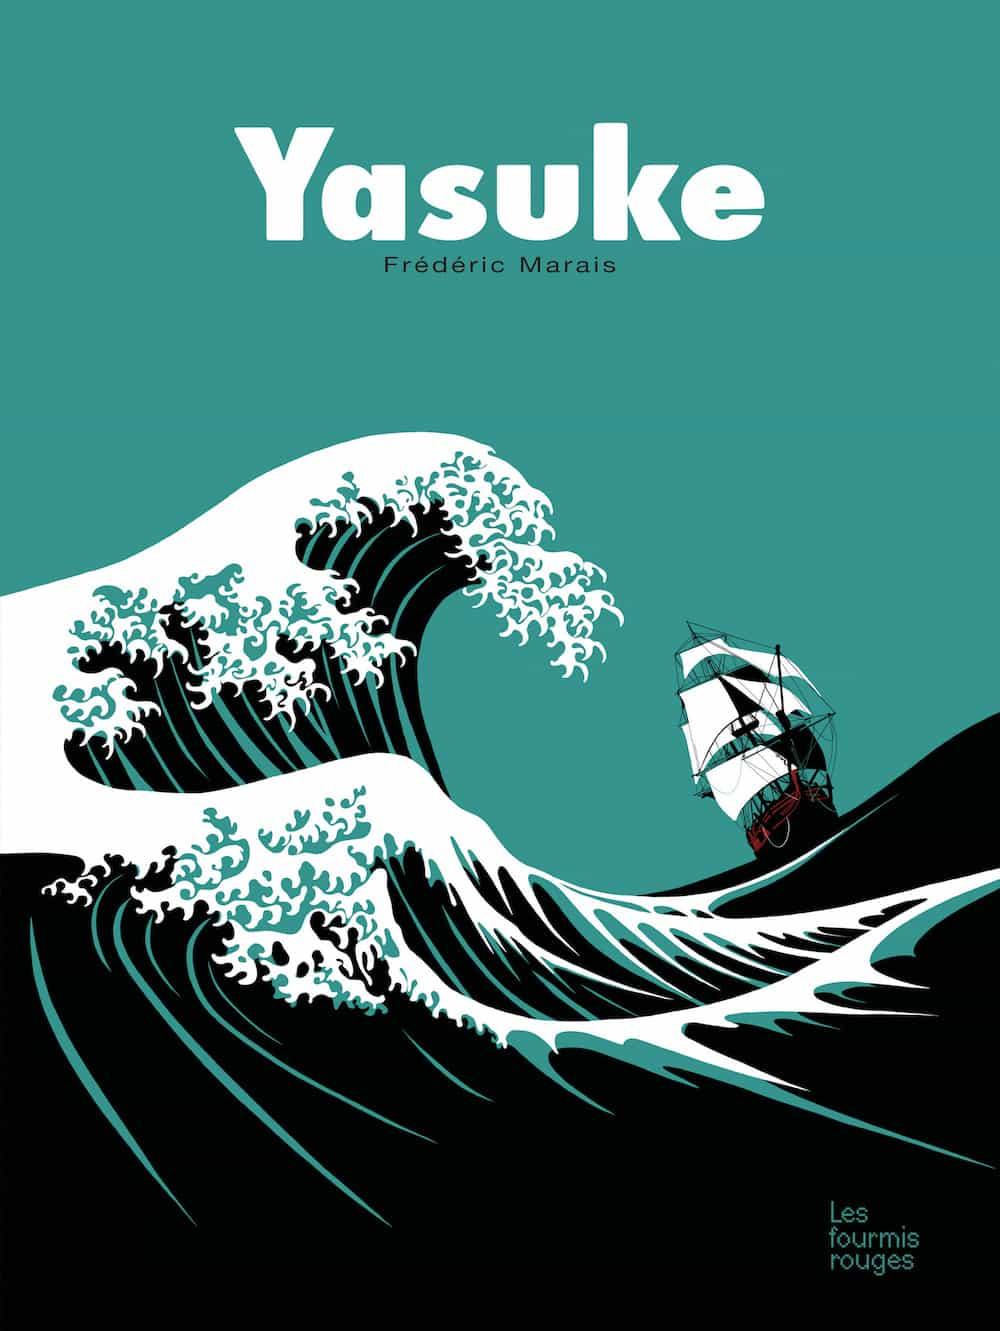 yasuke-livre-jeunesse